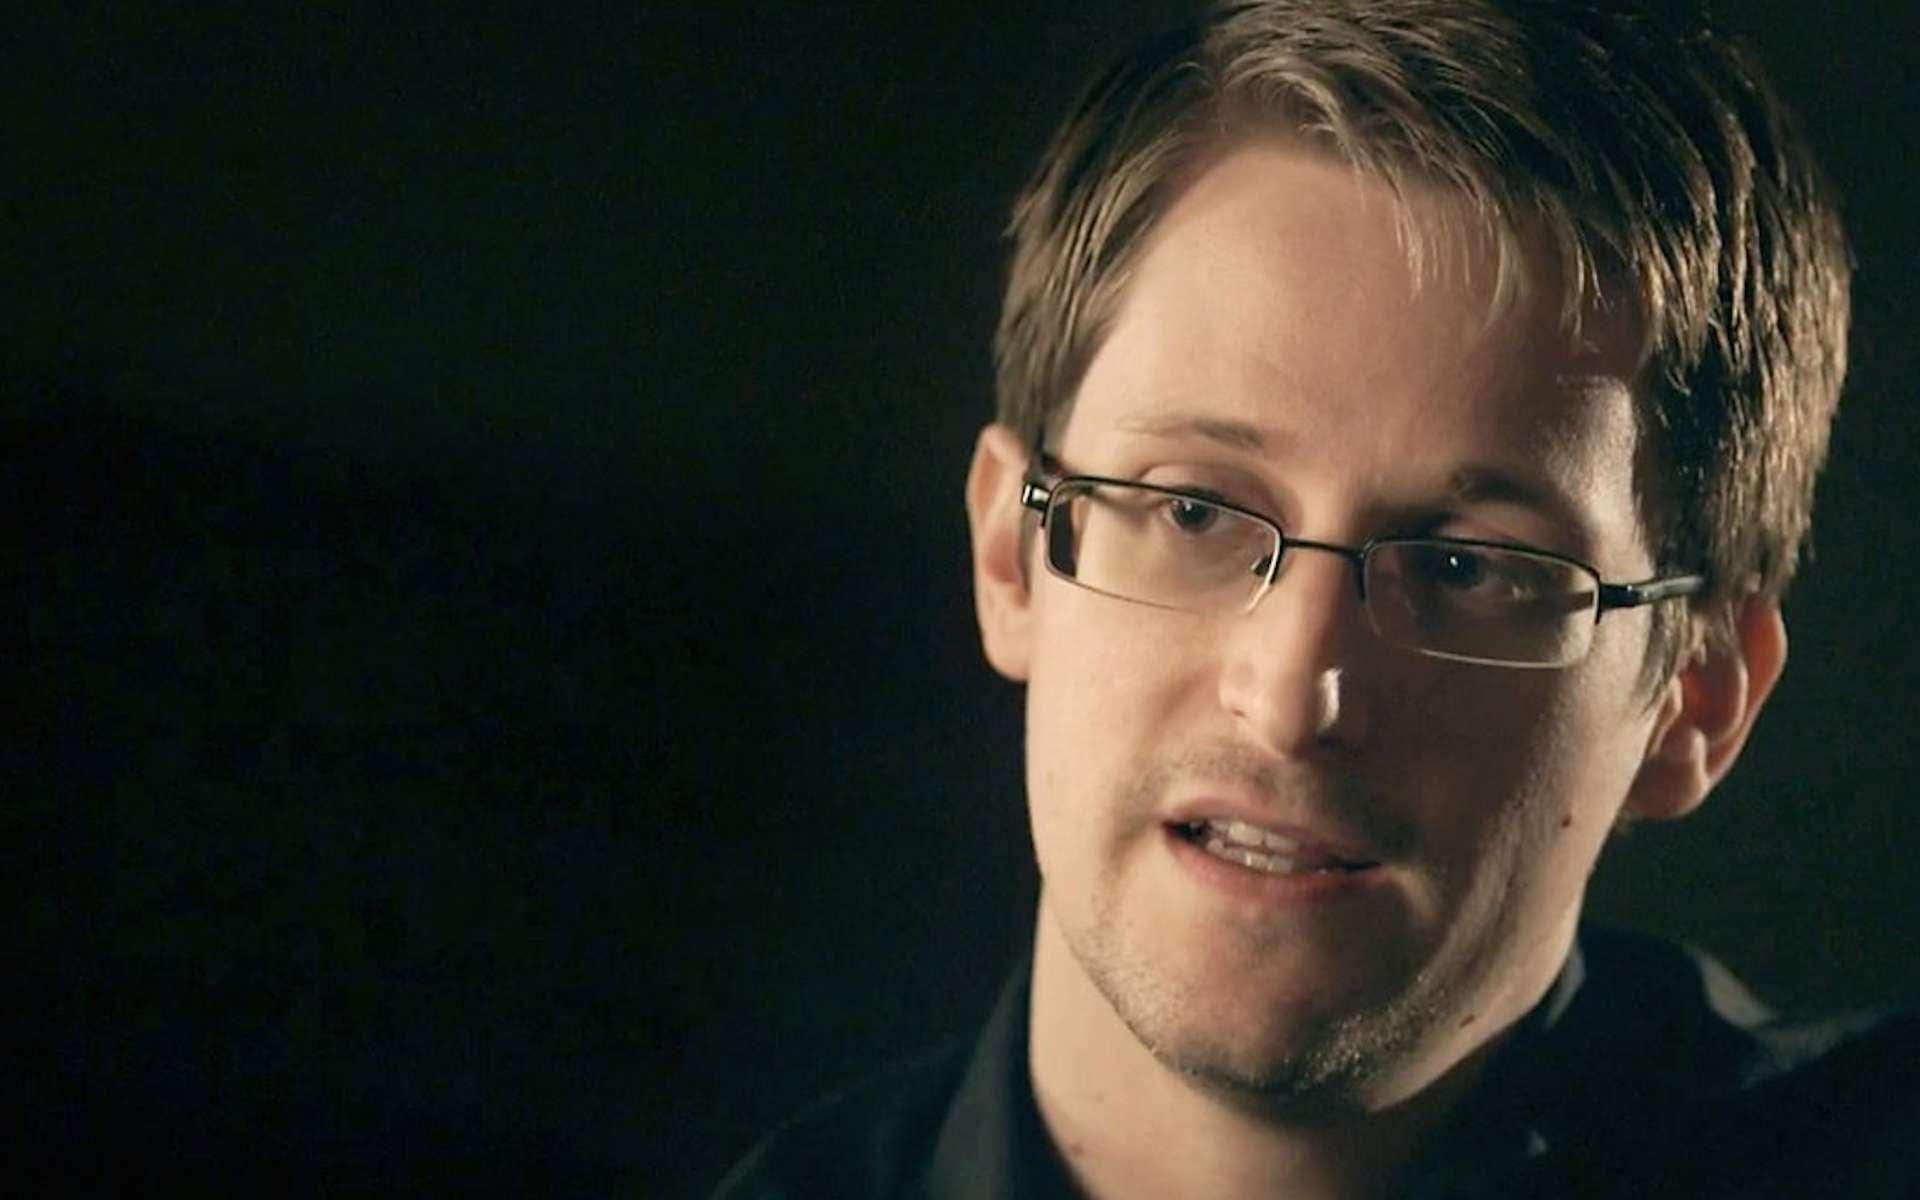 Edward Snowden, lanceur d'alerte, a trouvé refuge en Russie depuis ses révélations. © TheDuran